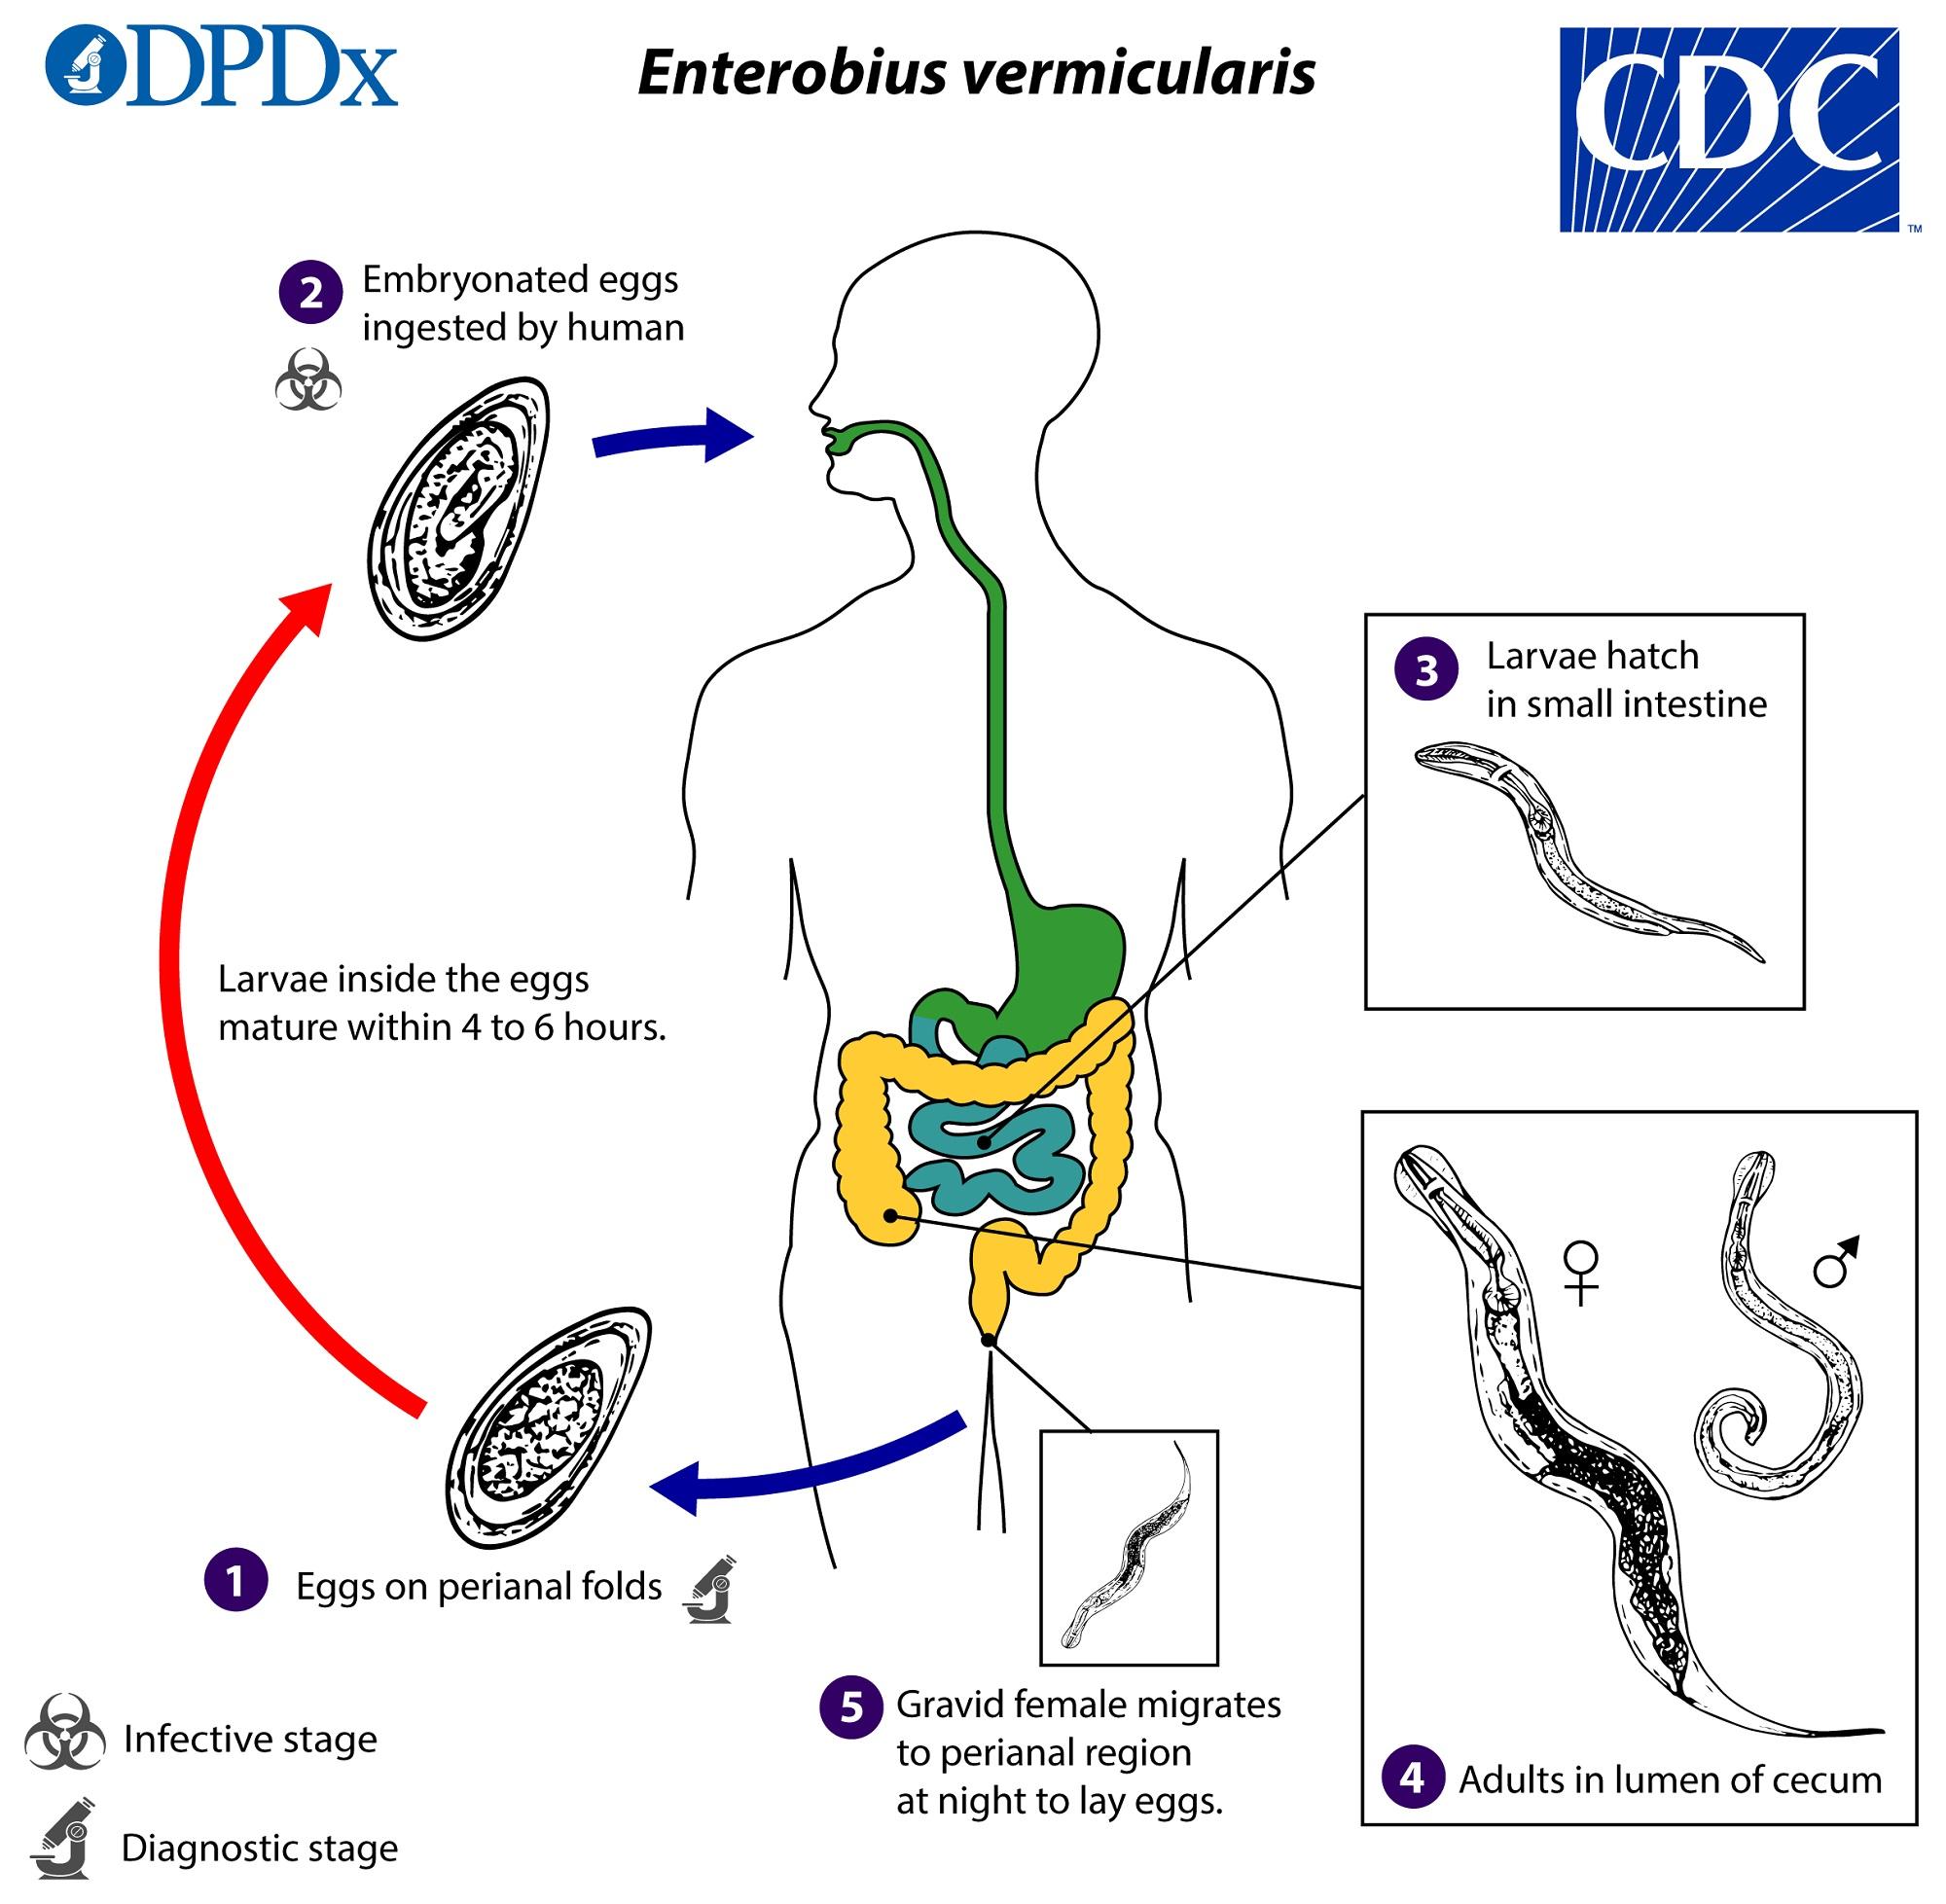 egy enterobiosis pinworms